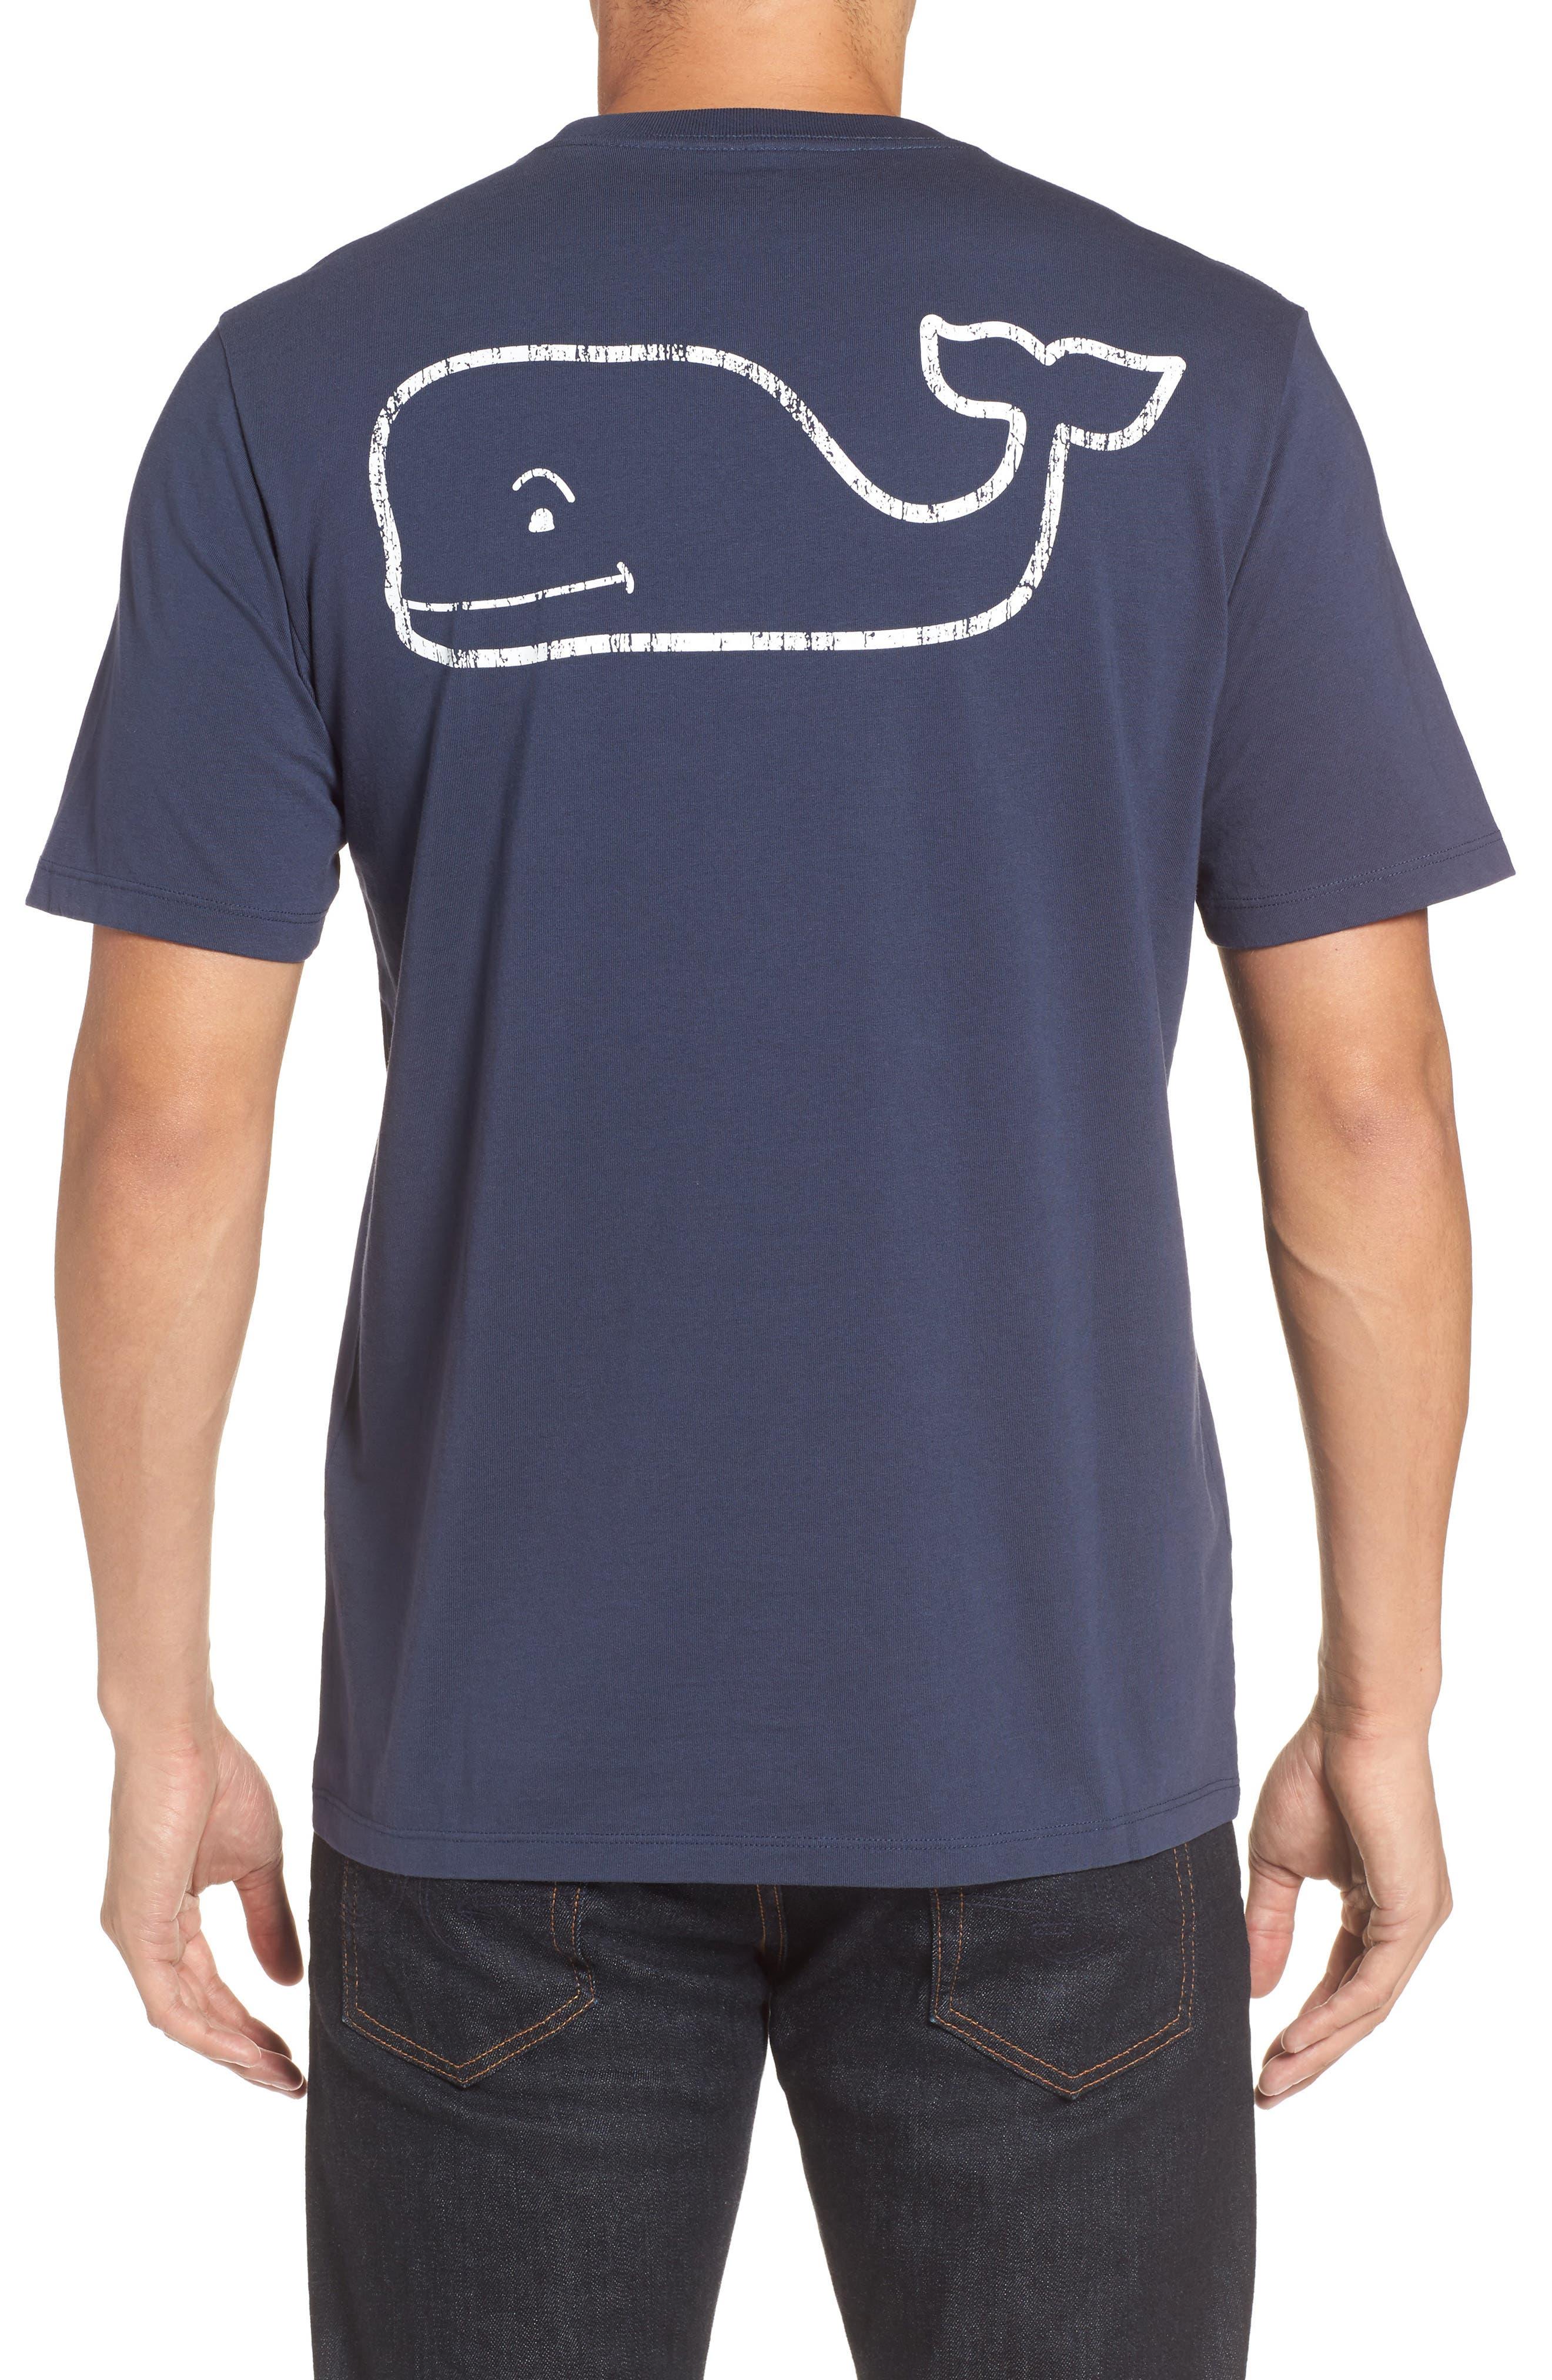 Alternate Image 1 Selected - vineyard vines Vintage Whale Pocket T-Shirt